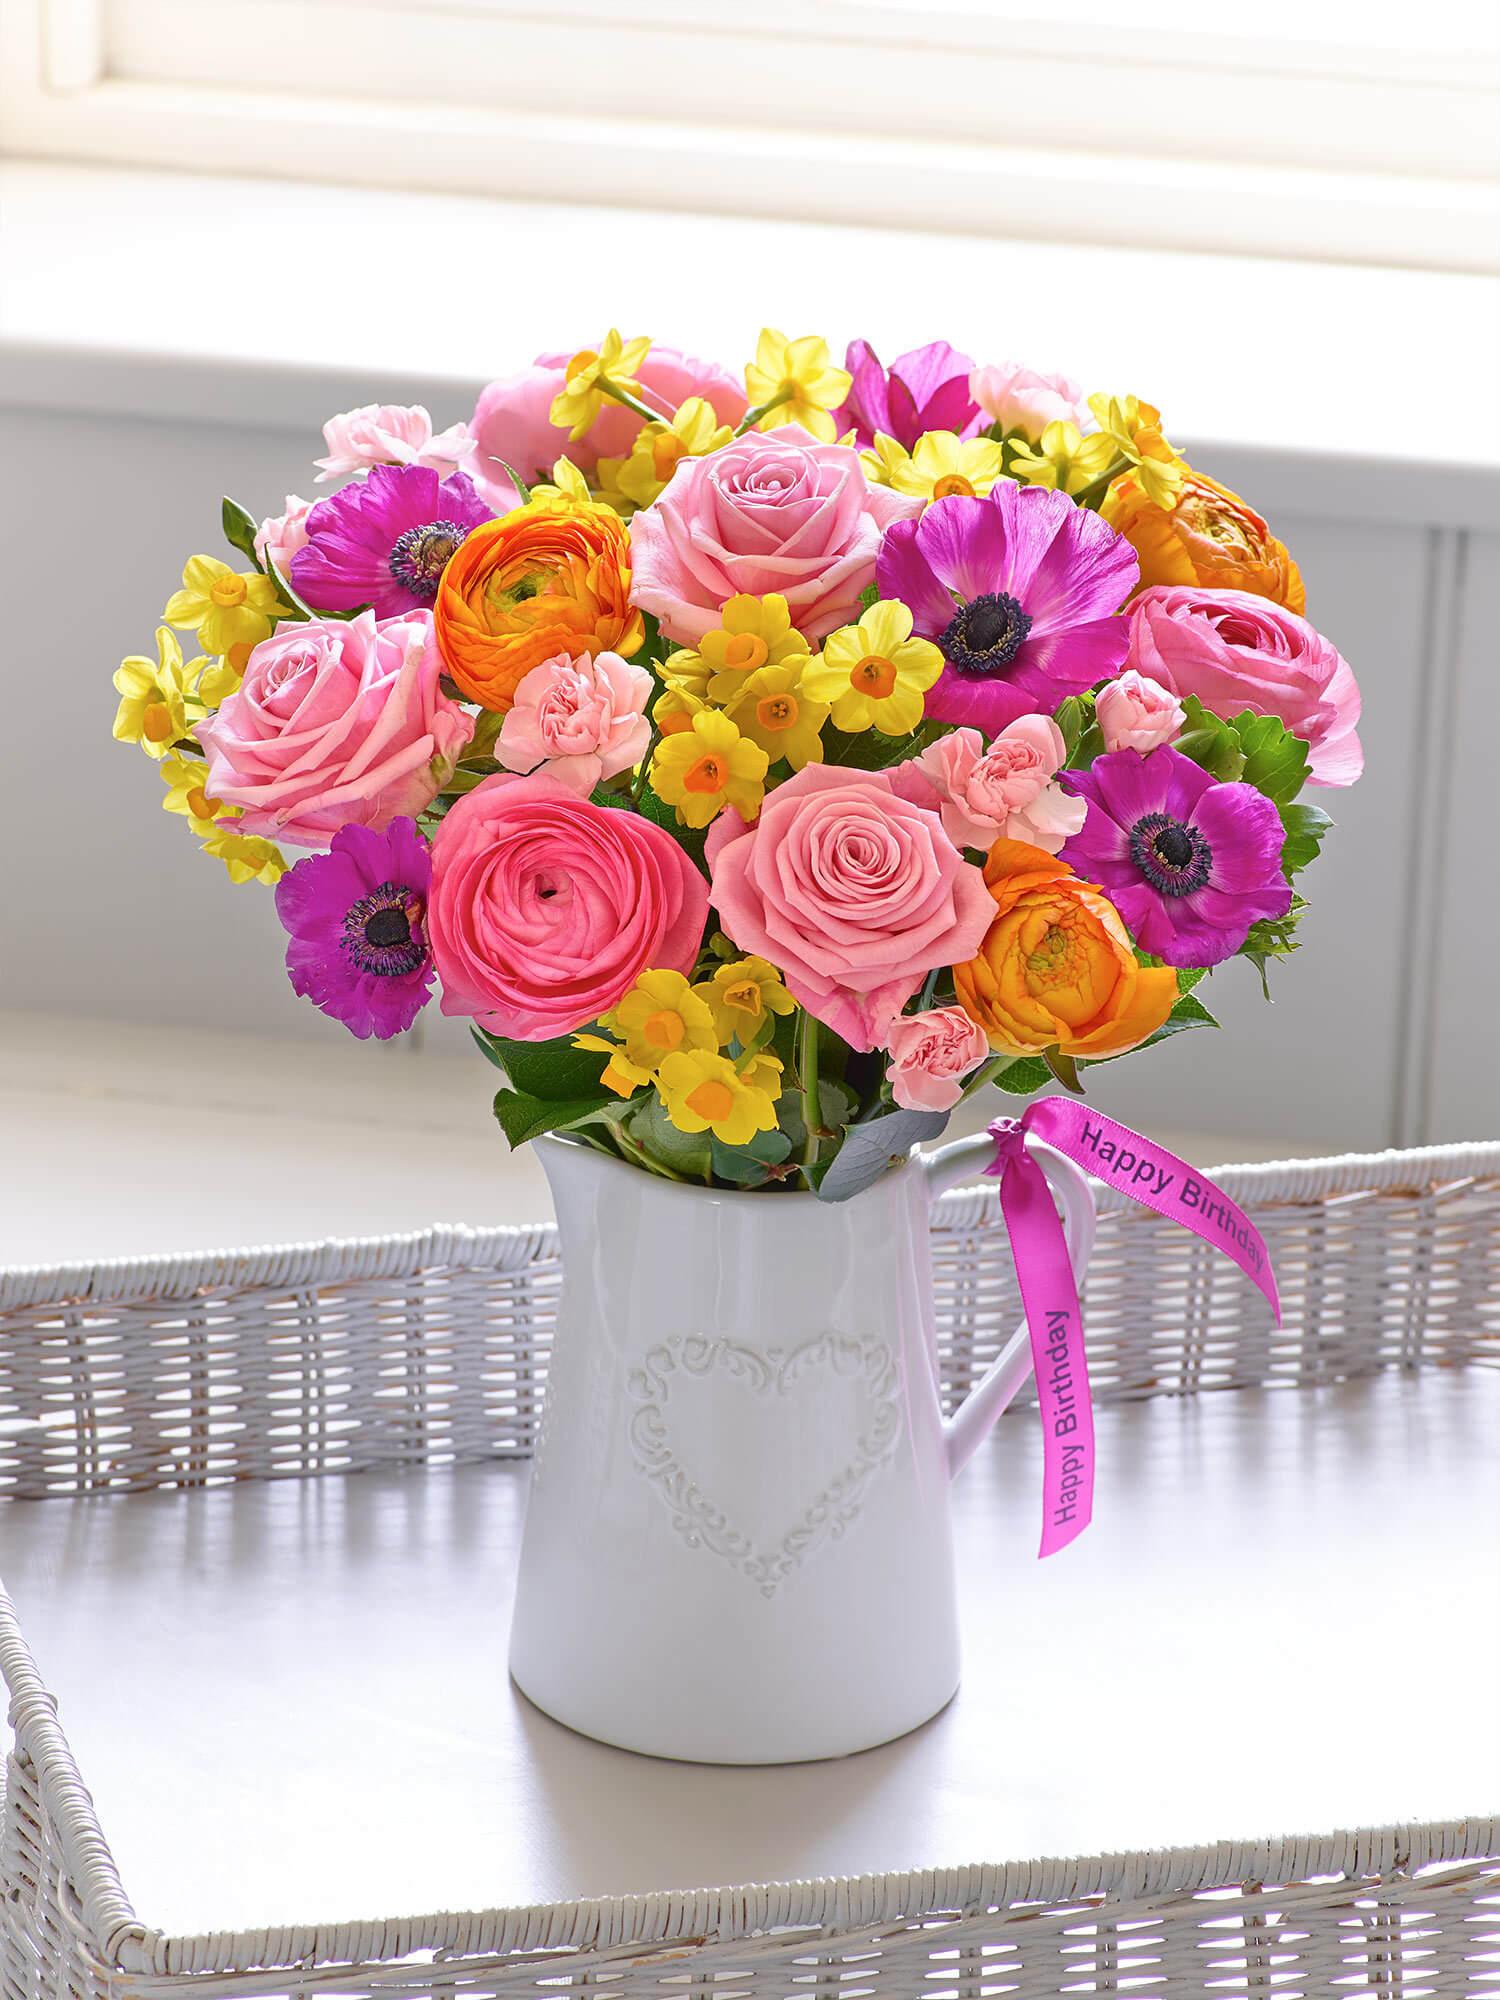 Happy Birthday Spring Celebration Jug